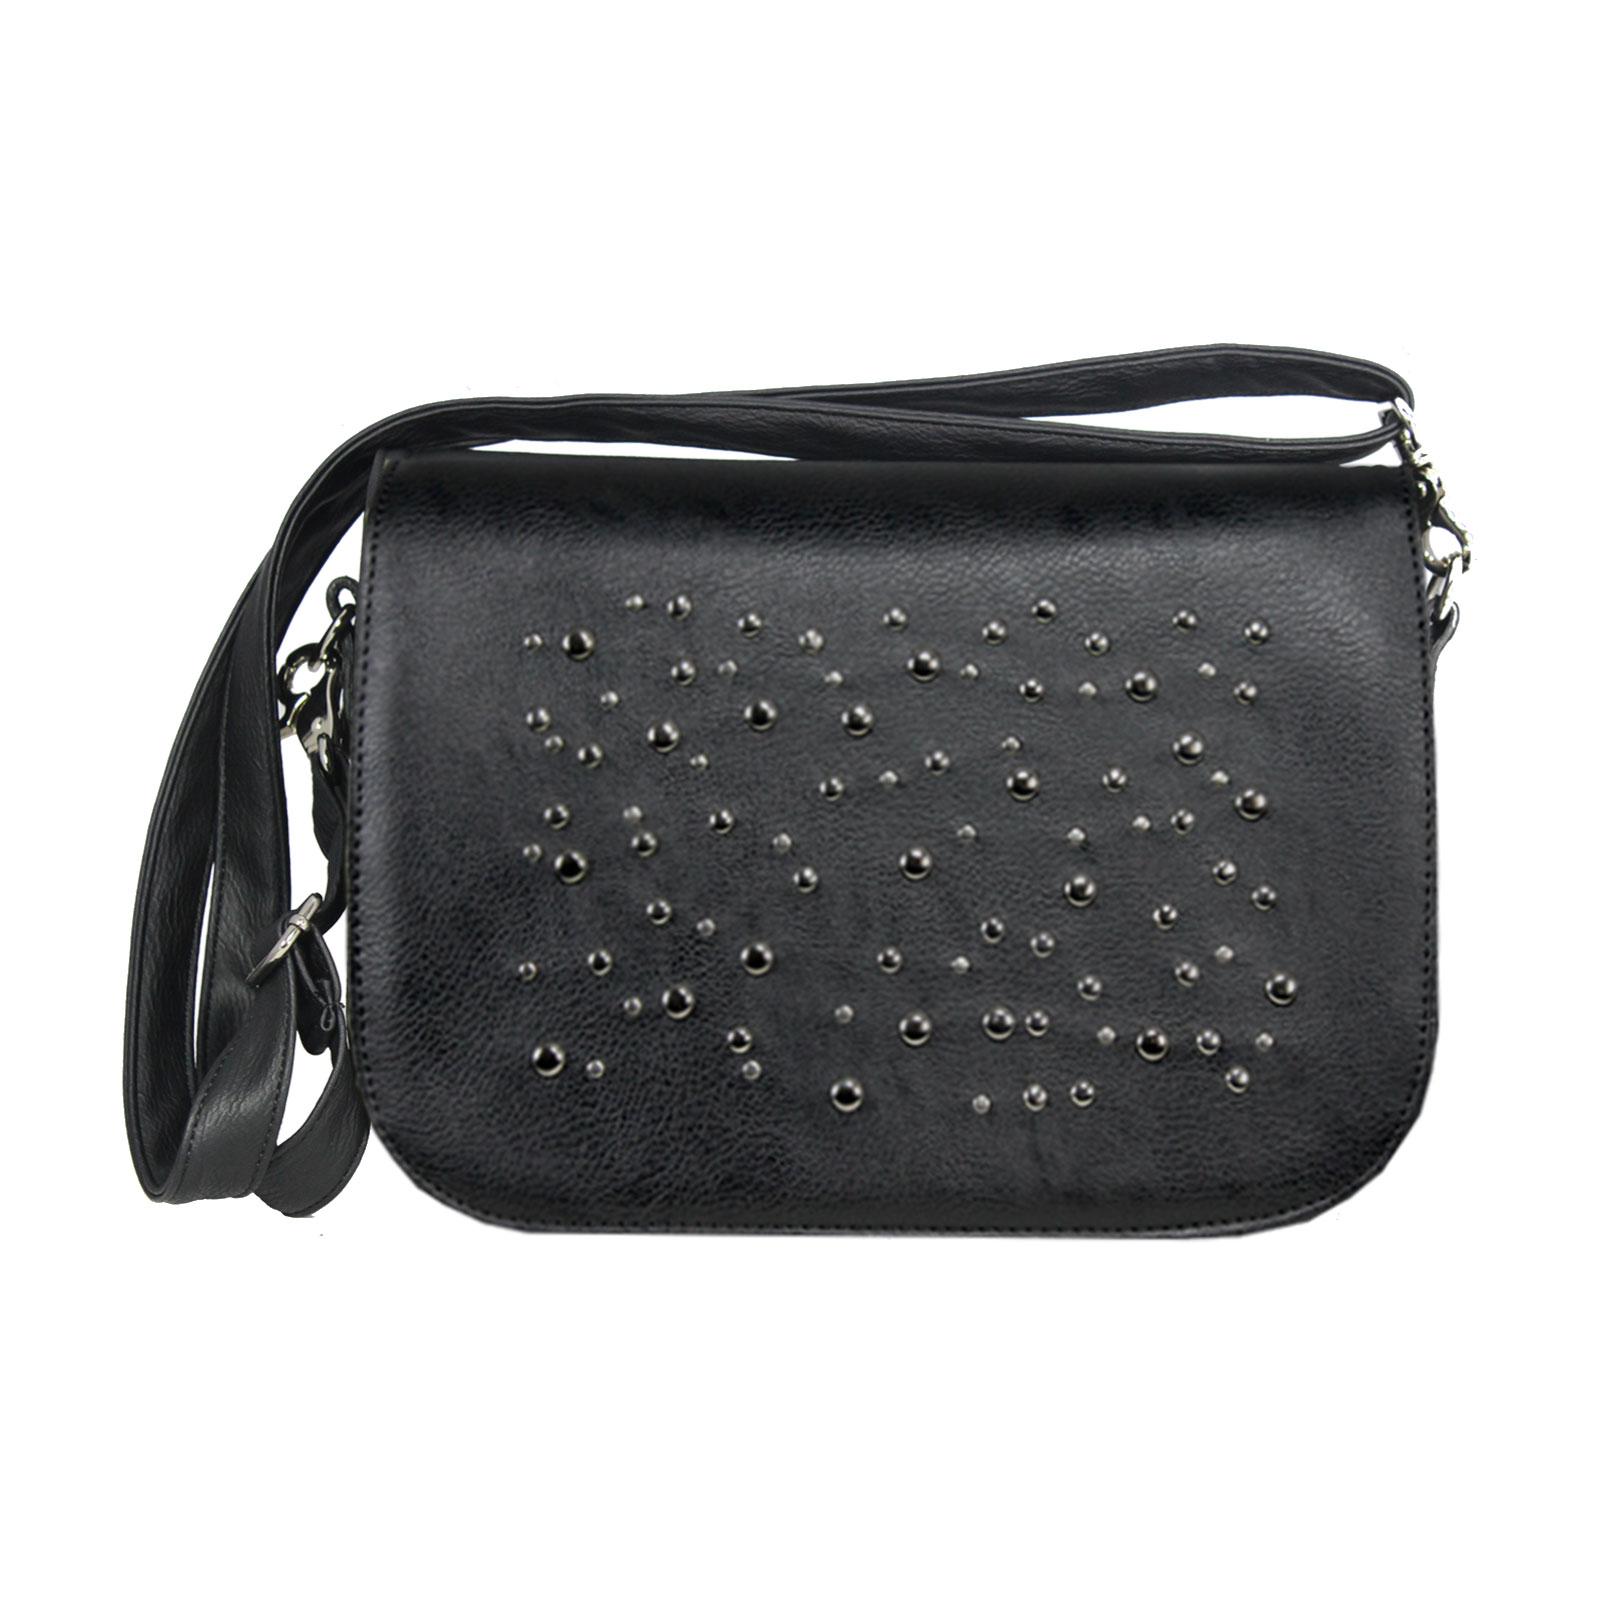 schwarze Handtasche mit Metallnieten rund